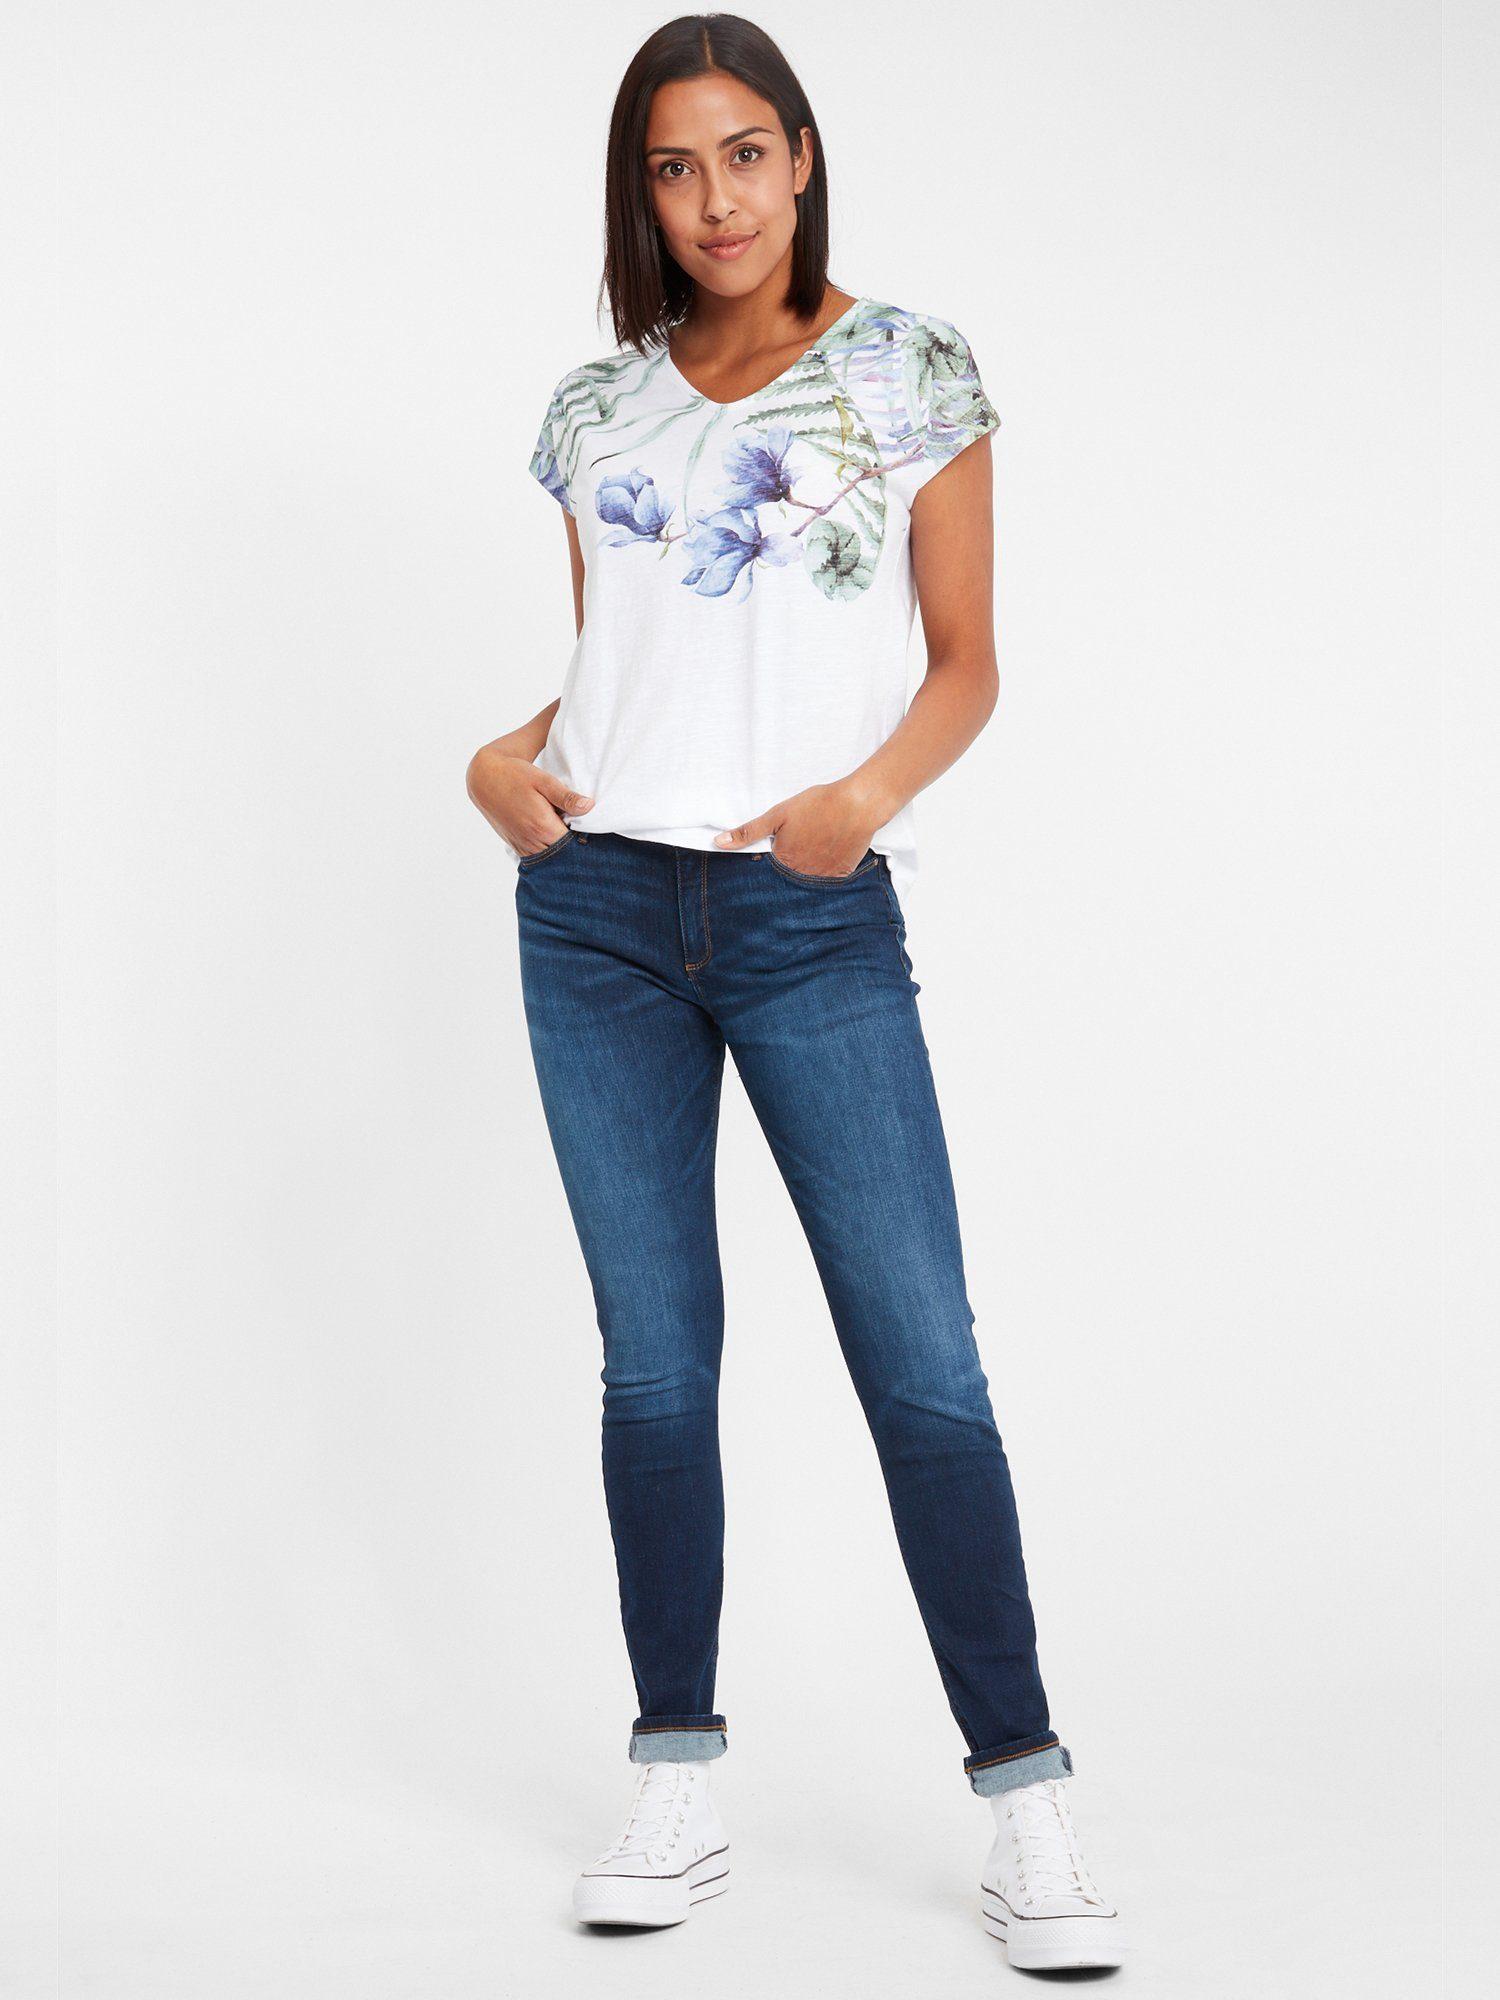 Cross Jeans T-shirt 55669 Makkelijk Besteld - Geweldige Prijs